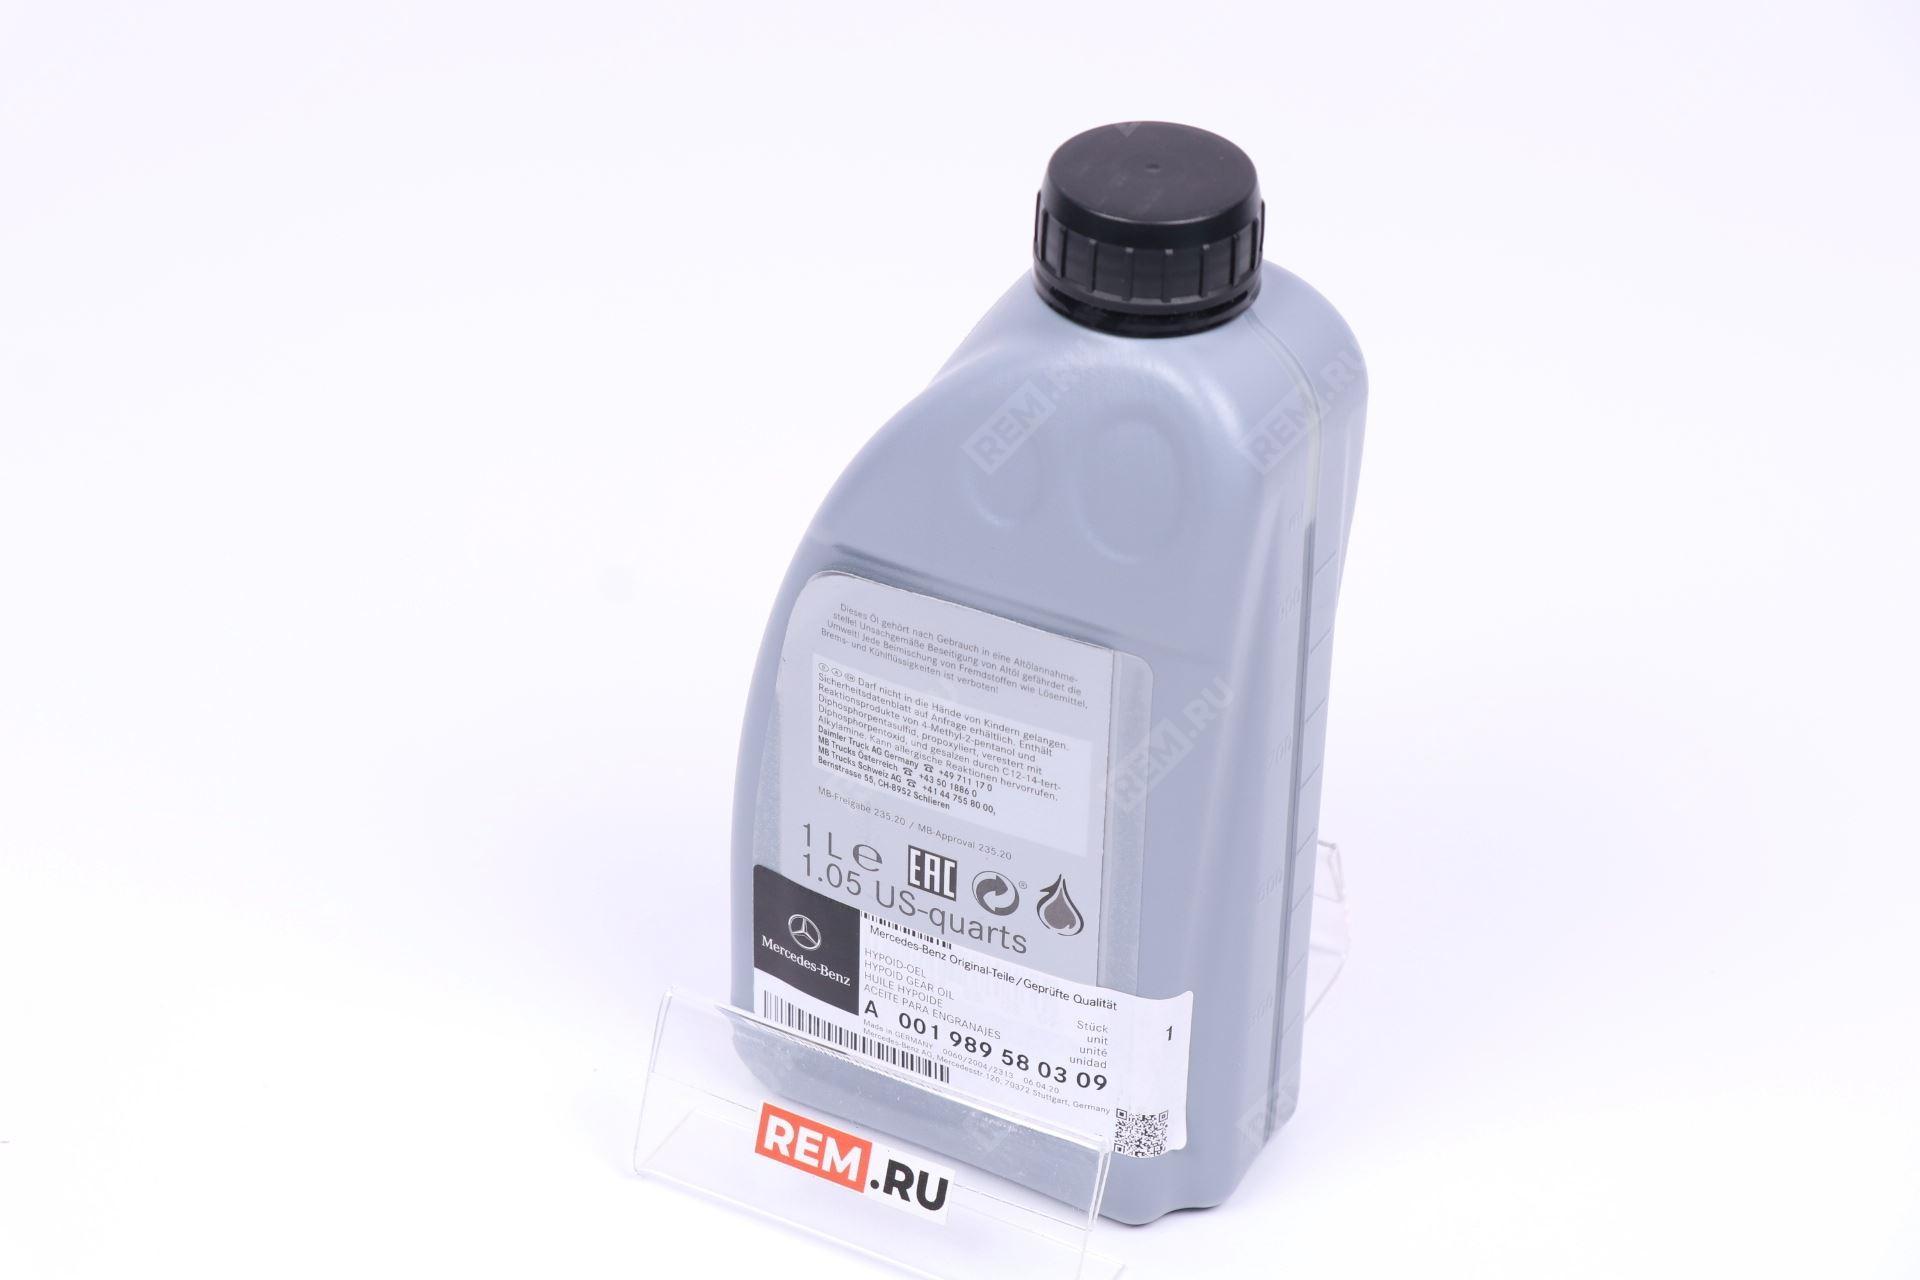 A001989580309  масло трансмиссионное mercedes 80w-90, 1л (фото 3)